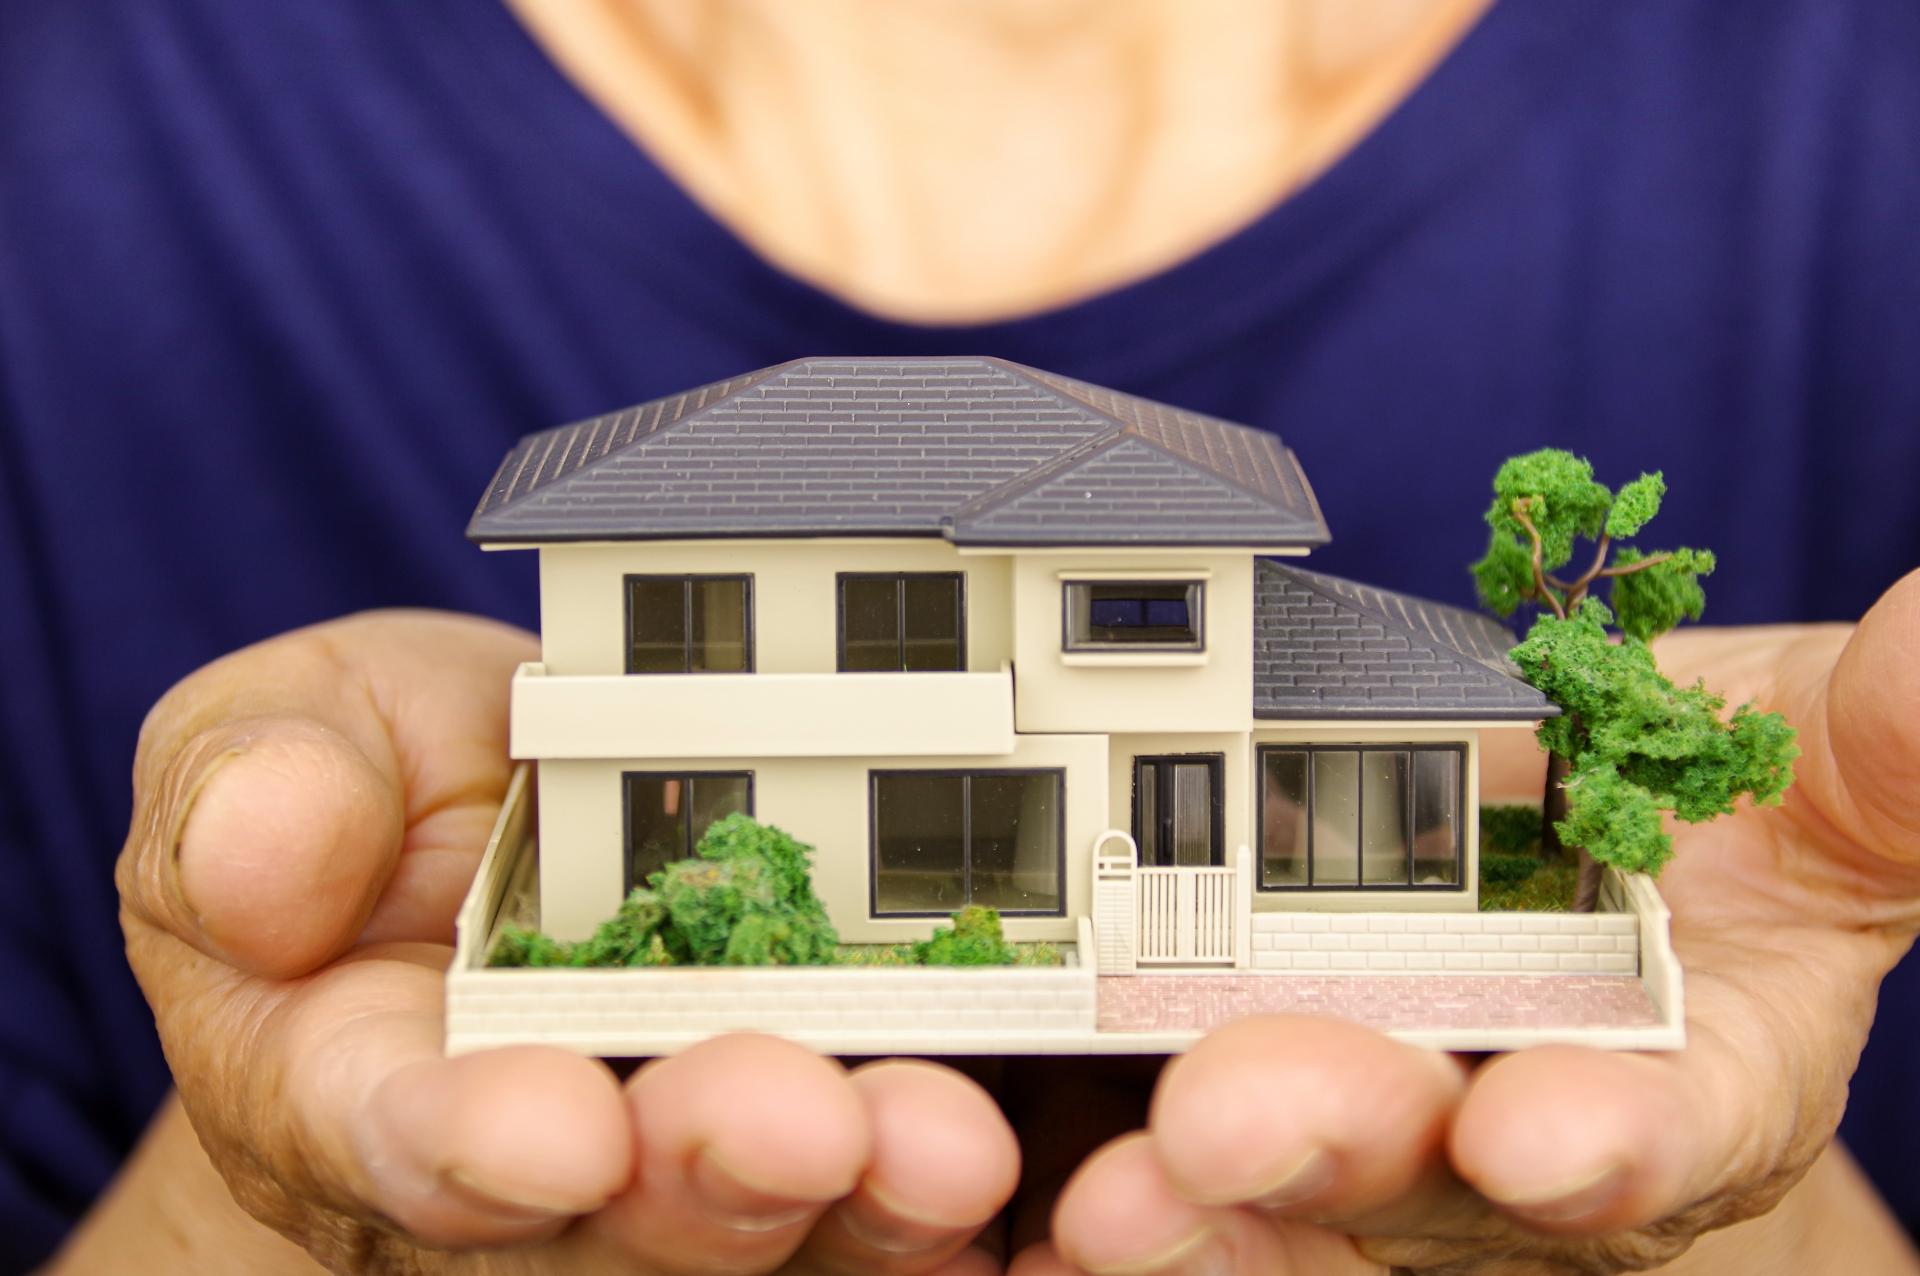 木造住宅のデメリット ―耐震性や防音性能が落ちるが対策も可能